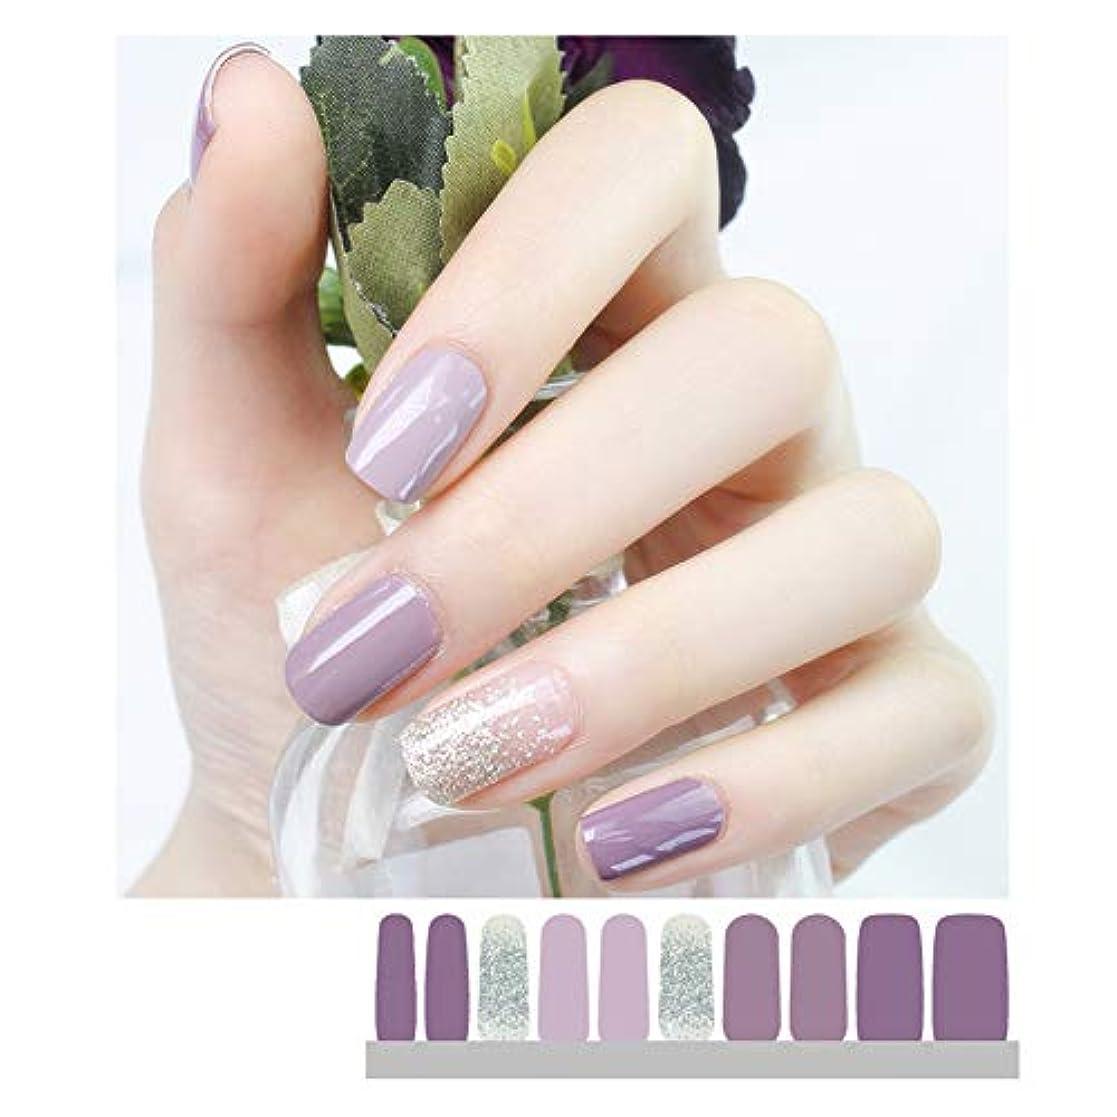 適切な第二に森[Ziv-Nat] 20ピース 貼るだけマニキュア ネイルシール パープル 紫 シルバー ネイルステッカー ネイルラップ ネイルアクセサリー 女性 レディースプレゼント ギフト